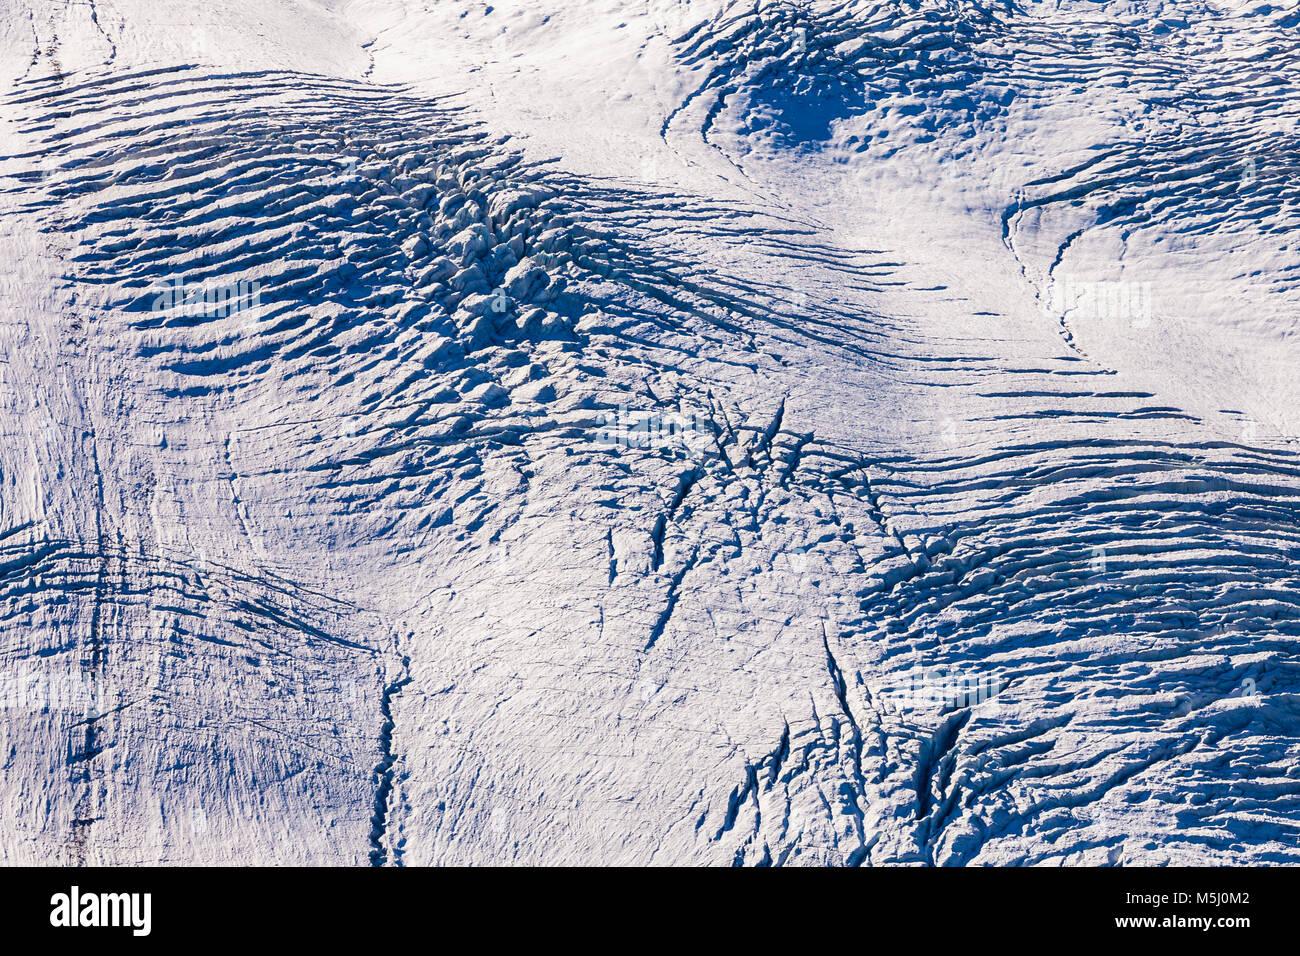 Schweiz, Kanton Wallis, Zermatt, Gornergletscher, Gletscher, Struktur, Eis, Schnee, Furchen, abstrakt Stockbild